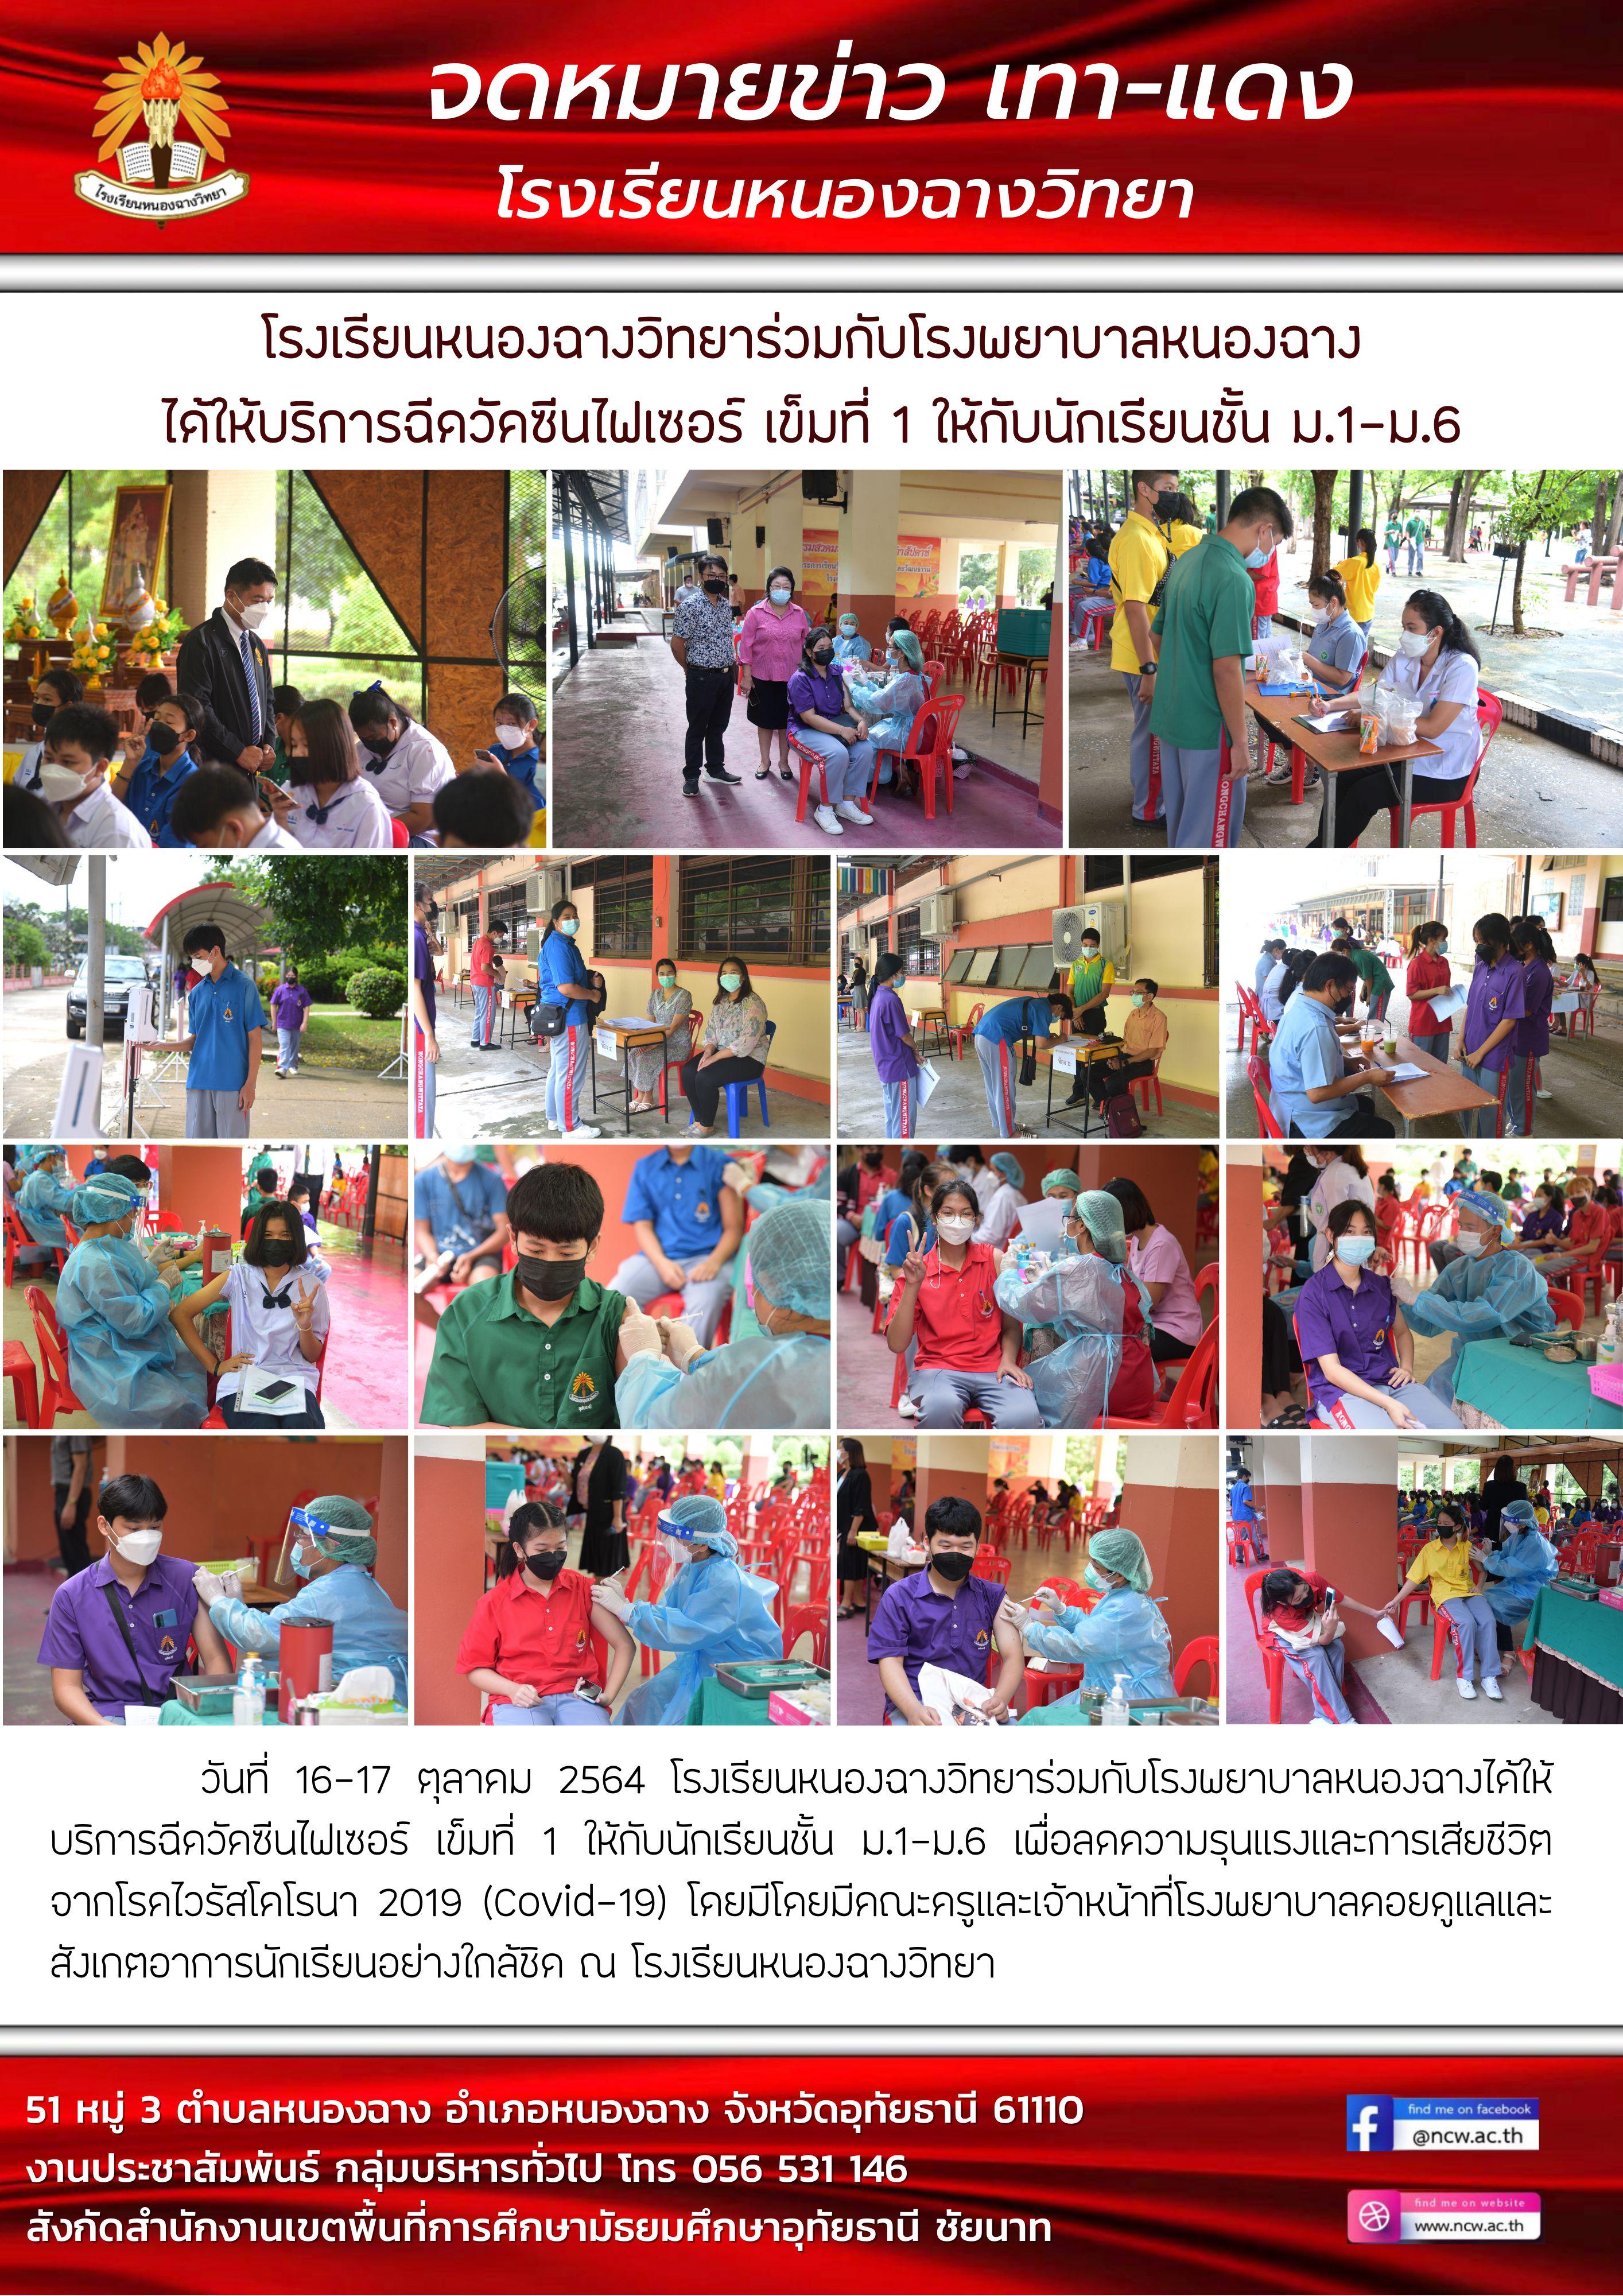 การฉีดวัคซีนไฟเซอร๋ให้นักเรียนชั้น ม.1-6